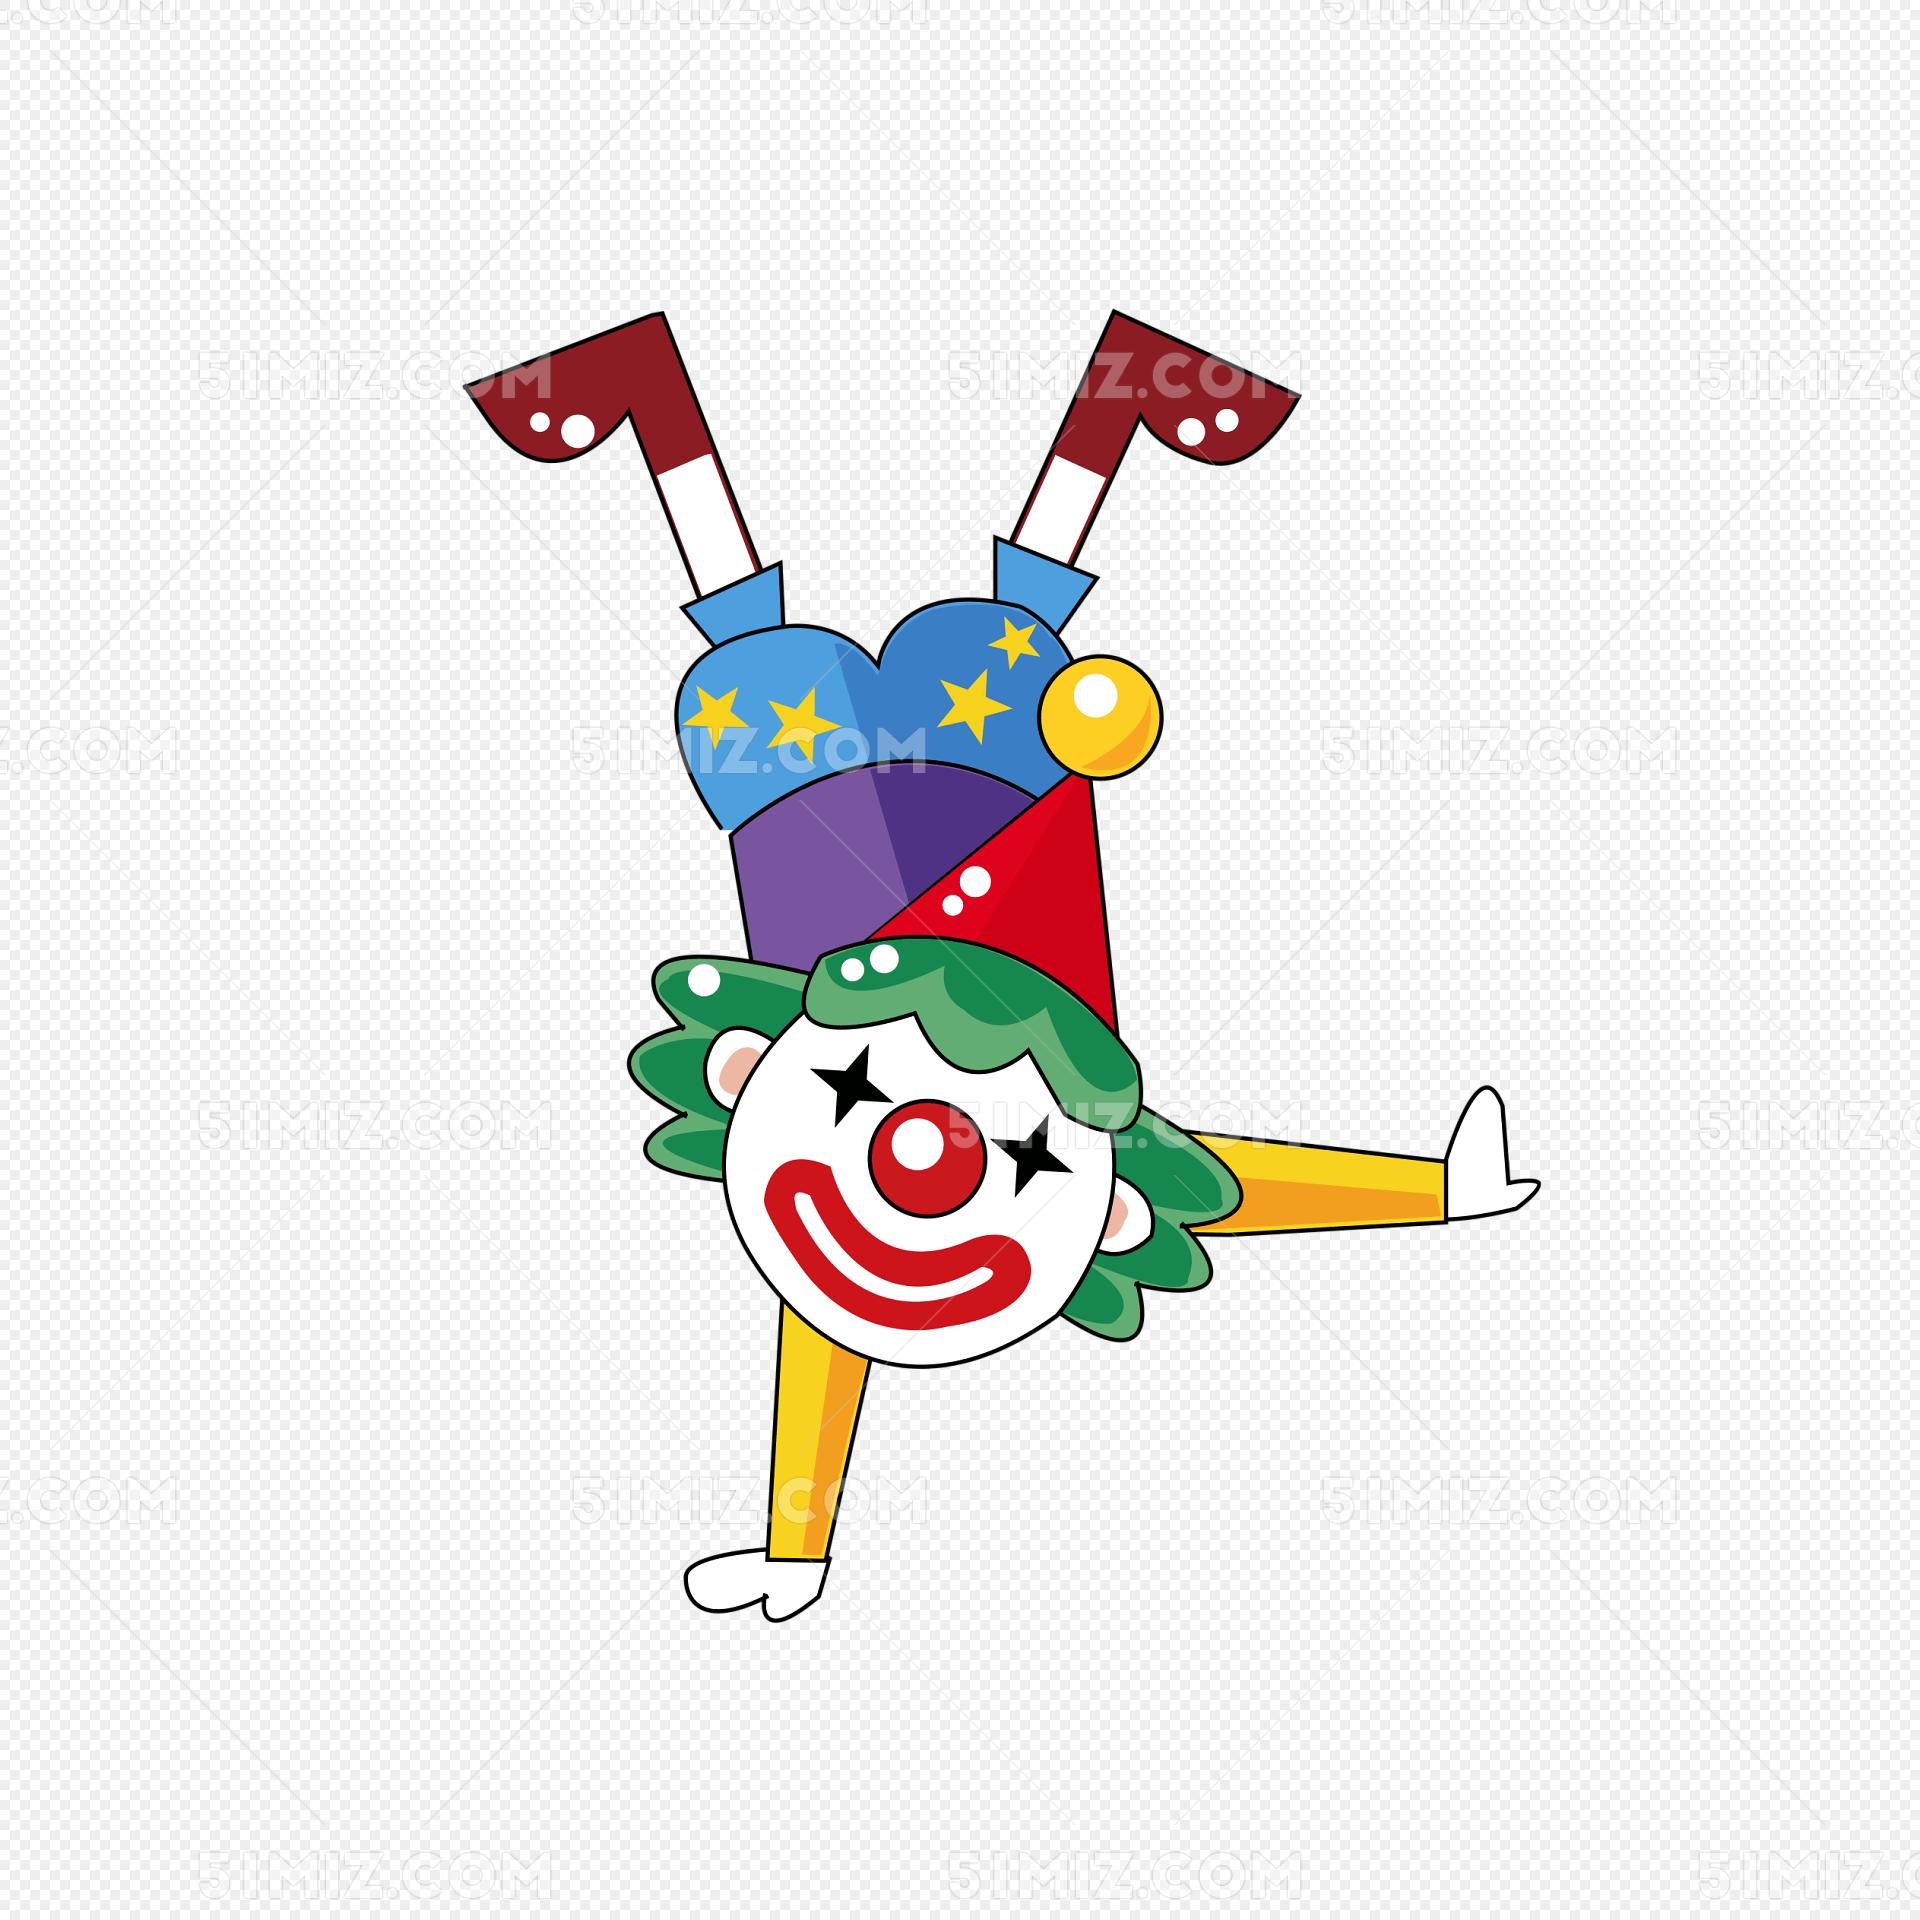 马戏团小丑单手倒立卡通插画png图片